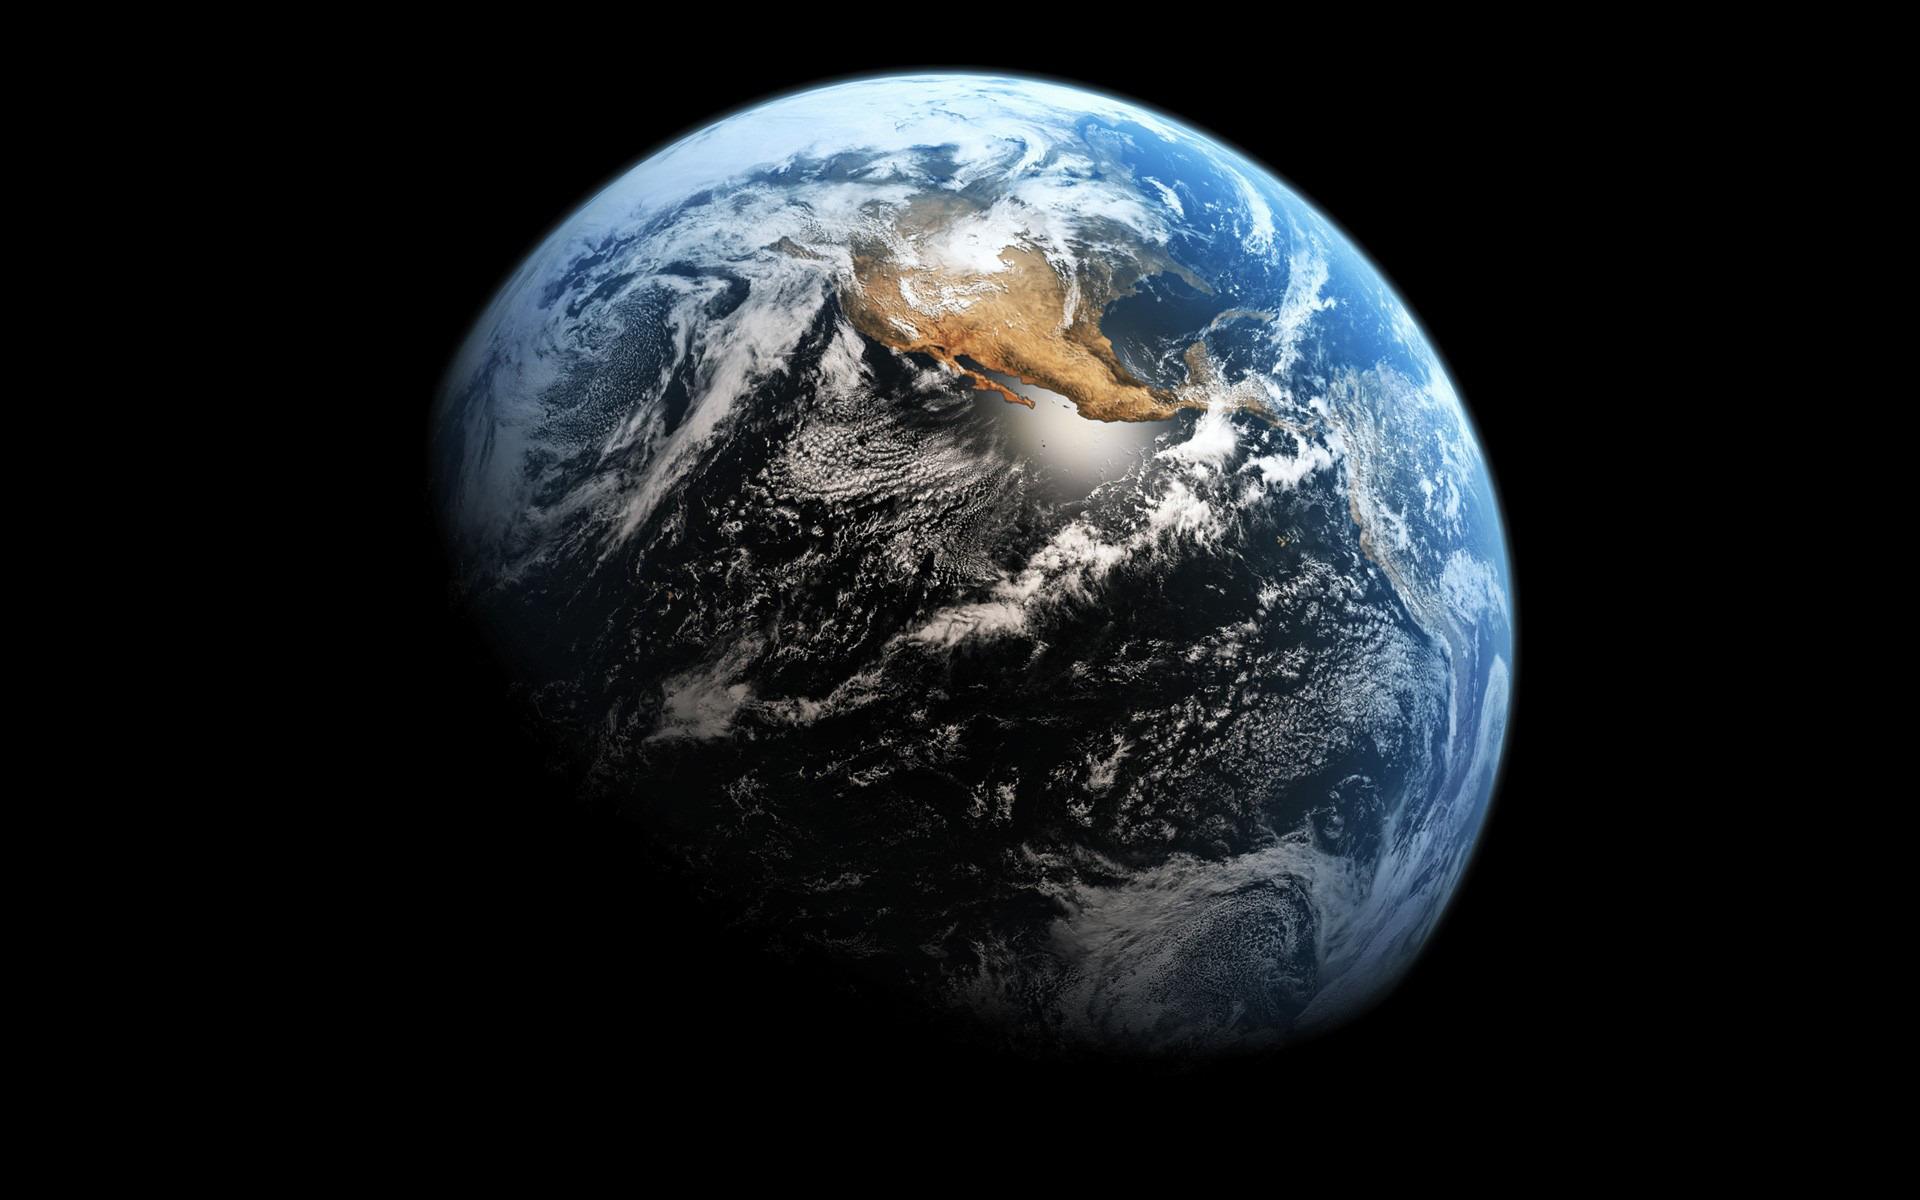 planet earth hd wallpaper